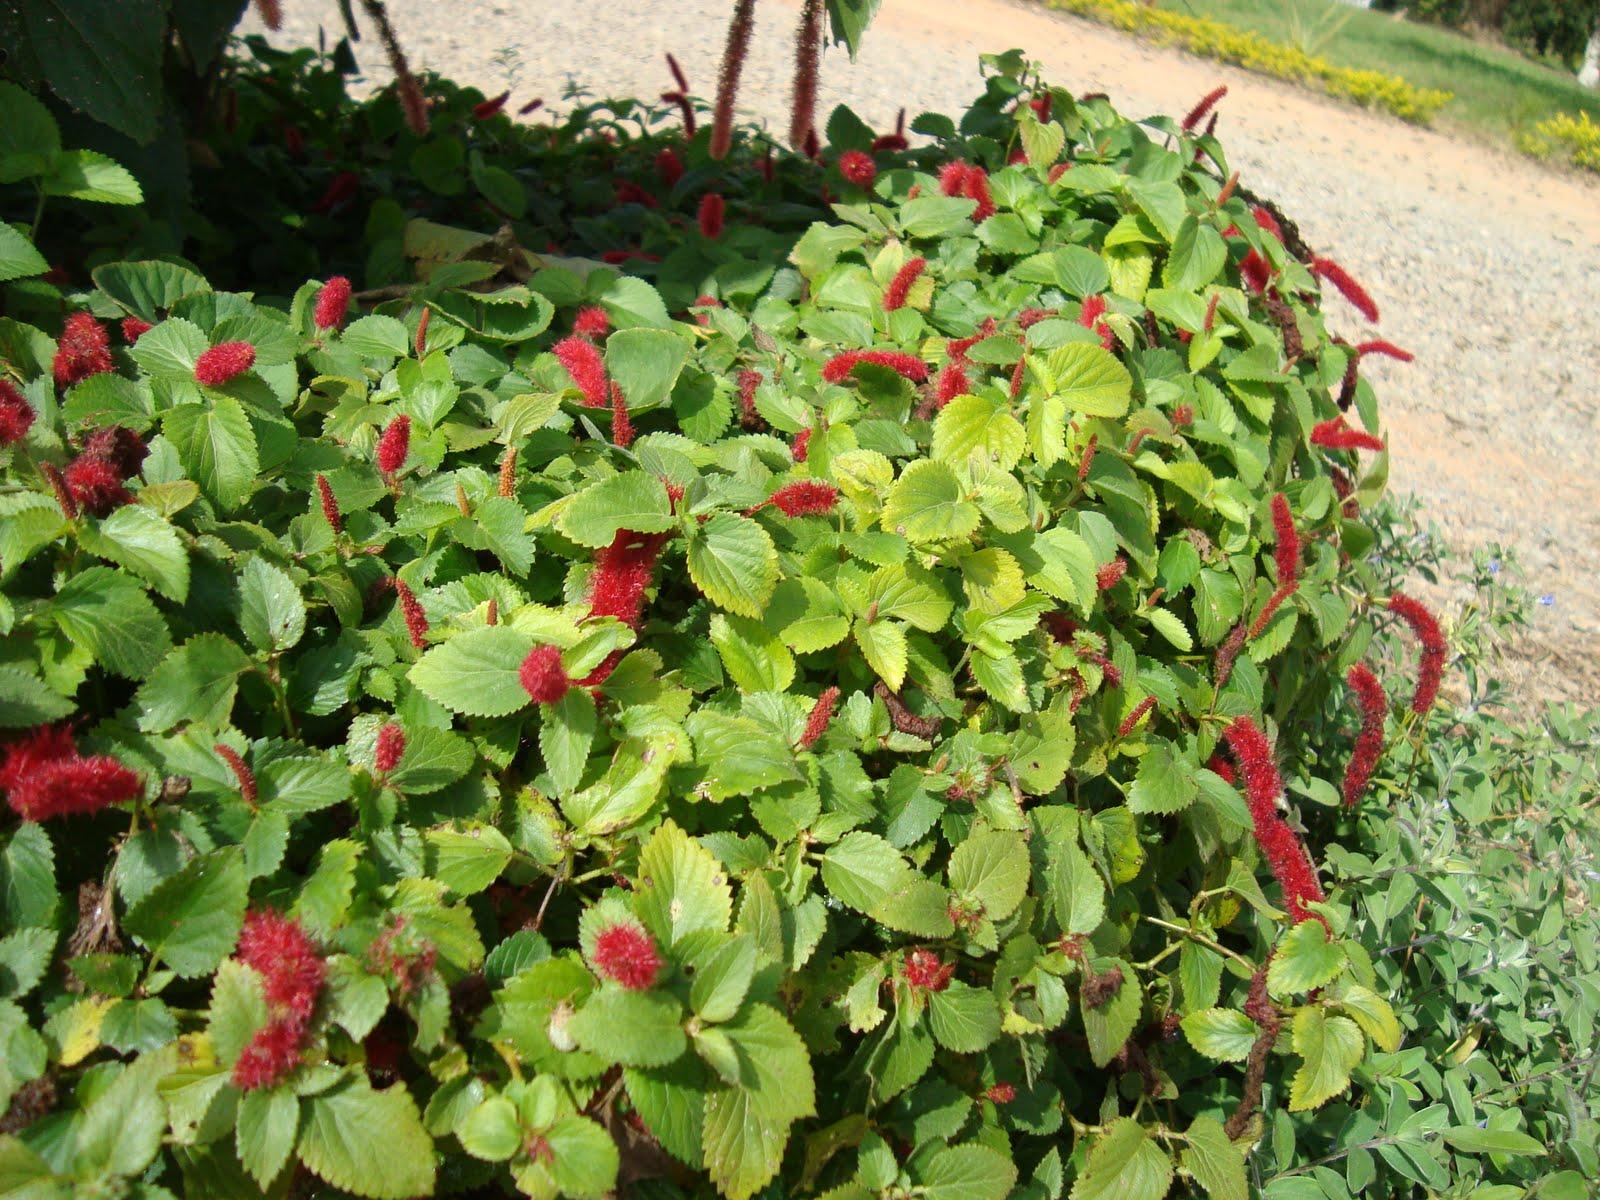 plantas de jardim que gostam de umidade : plantas de jardim que gostam de umidade:Os Paisagistas: Forrações de Meia sombra